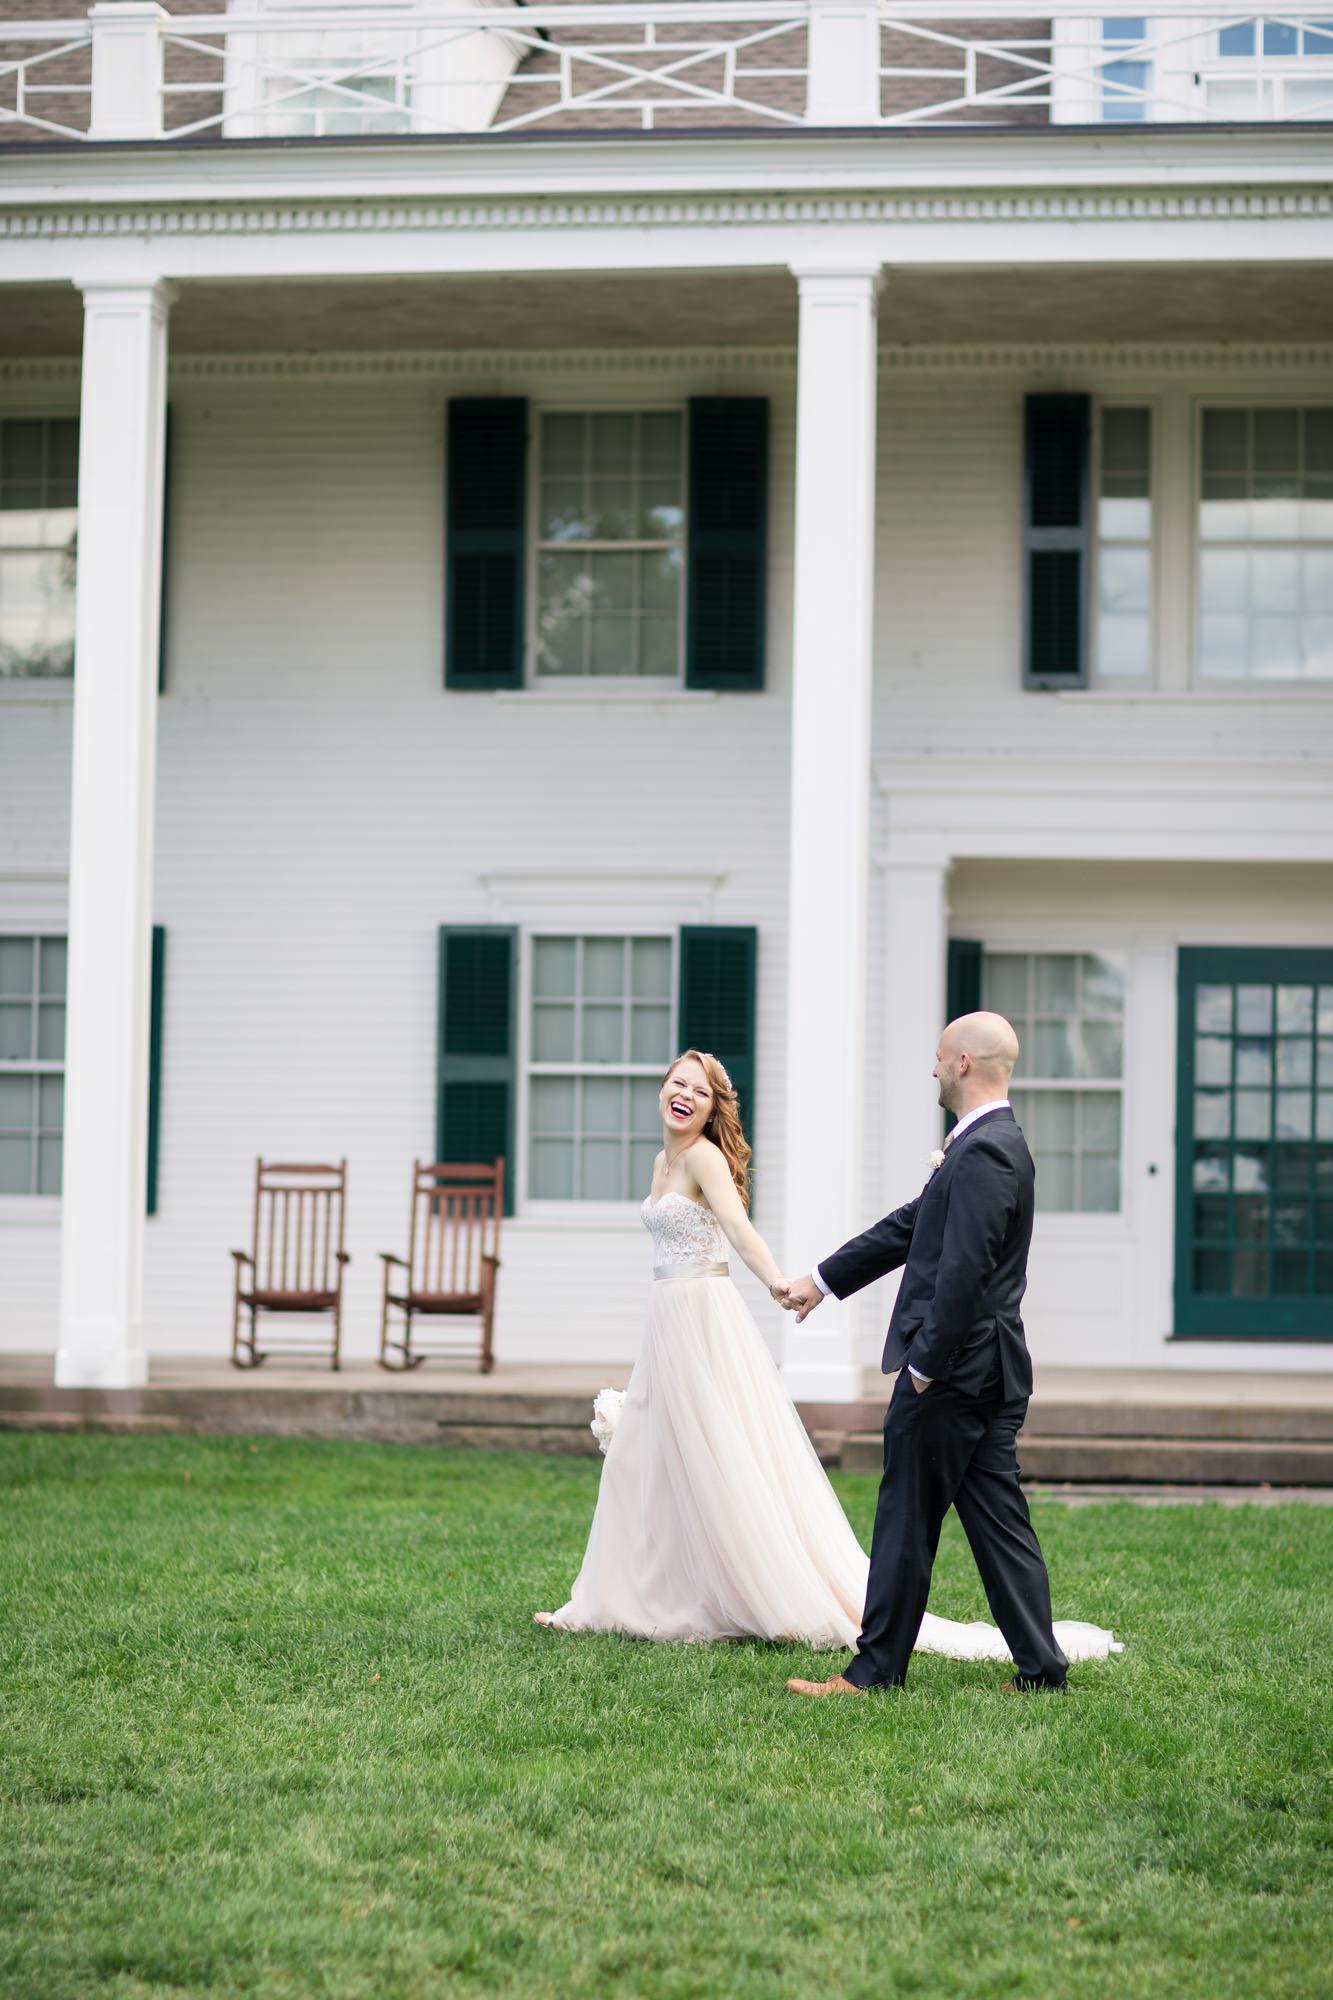 hillstead museum bride and groom walking